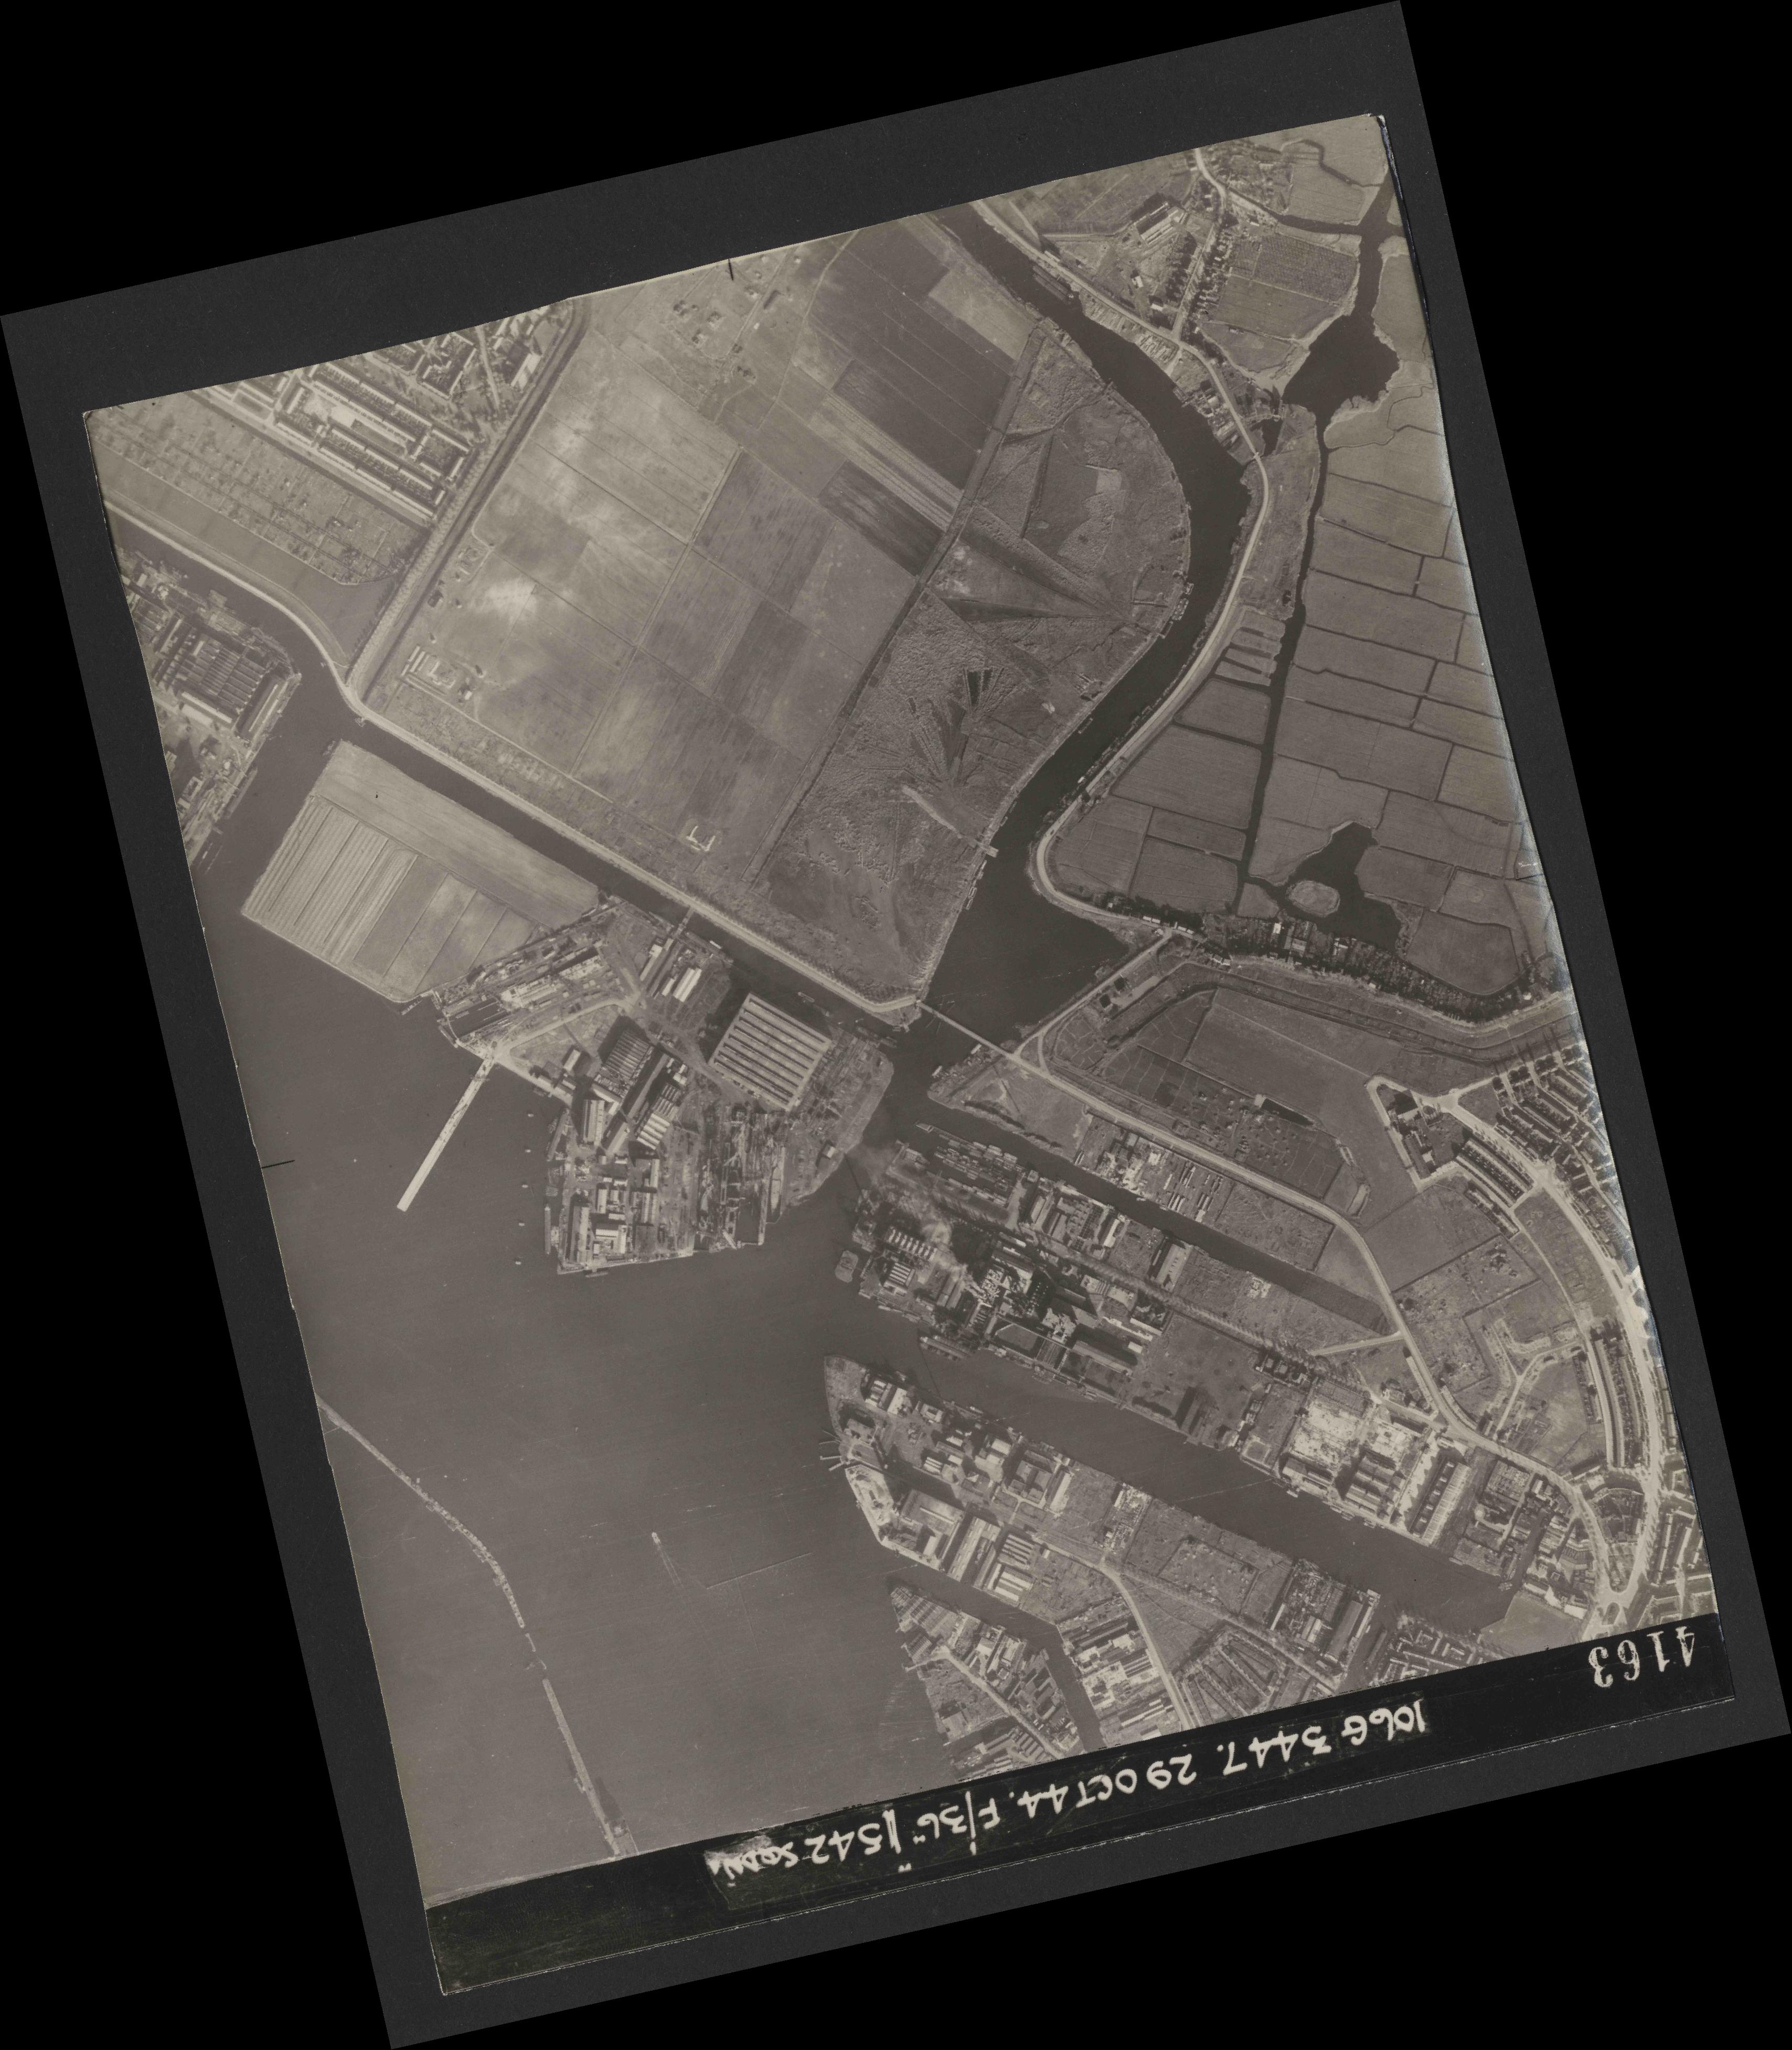 Collection RAF aerial photos 1940-1945 - flight 236, run 06, photo 4163